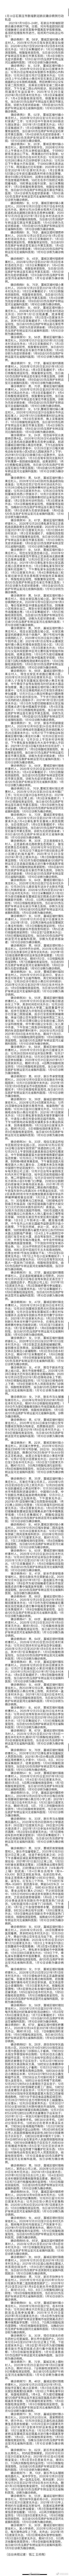 河北82例确诊行动轨迹:其中1人曾到过汉正街